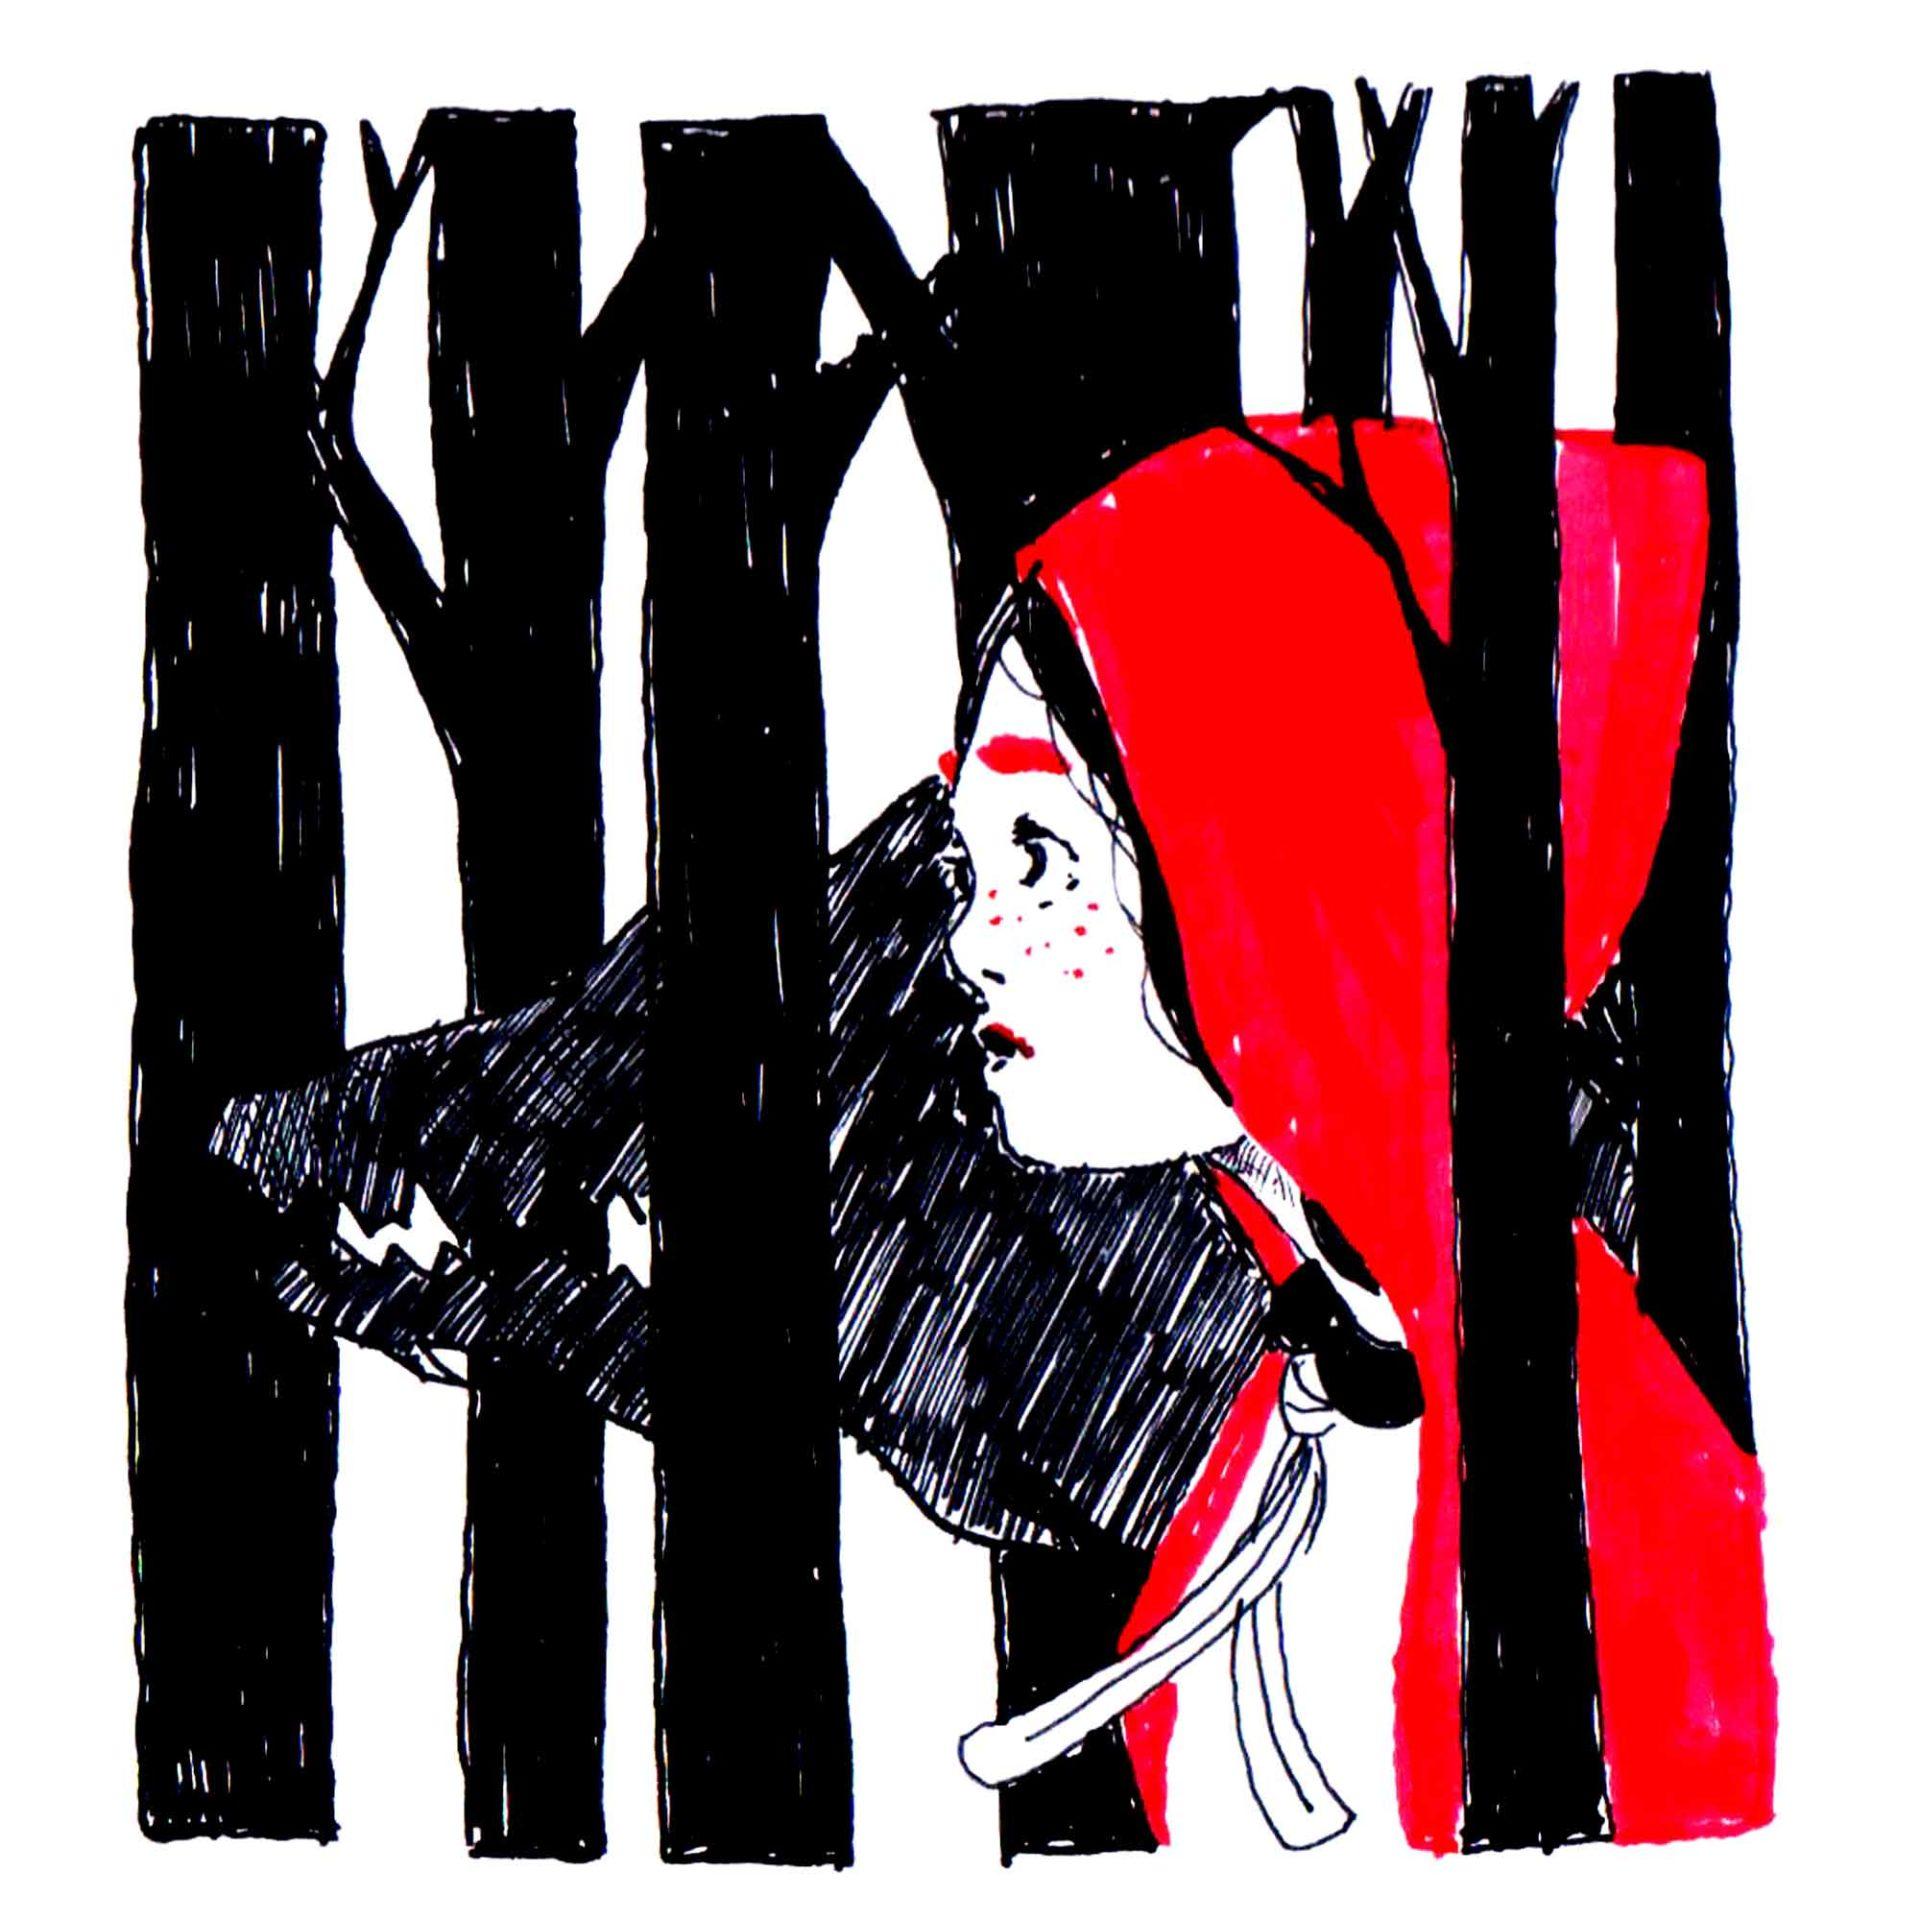 Cappuccetto Rosso Fiaba originale illustrata da Diego Gabriele